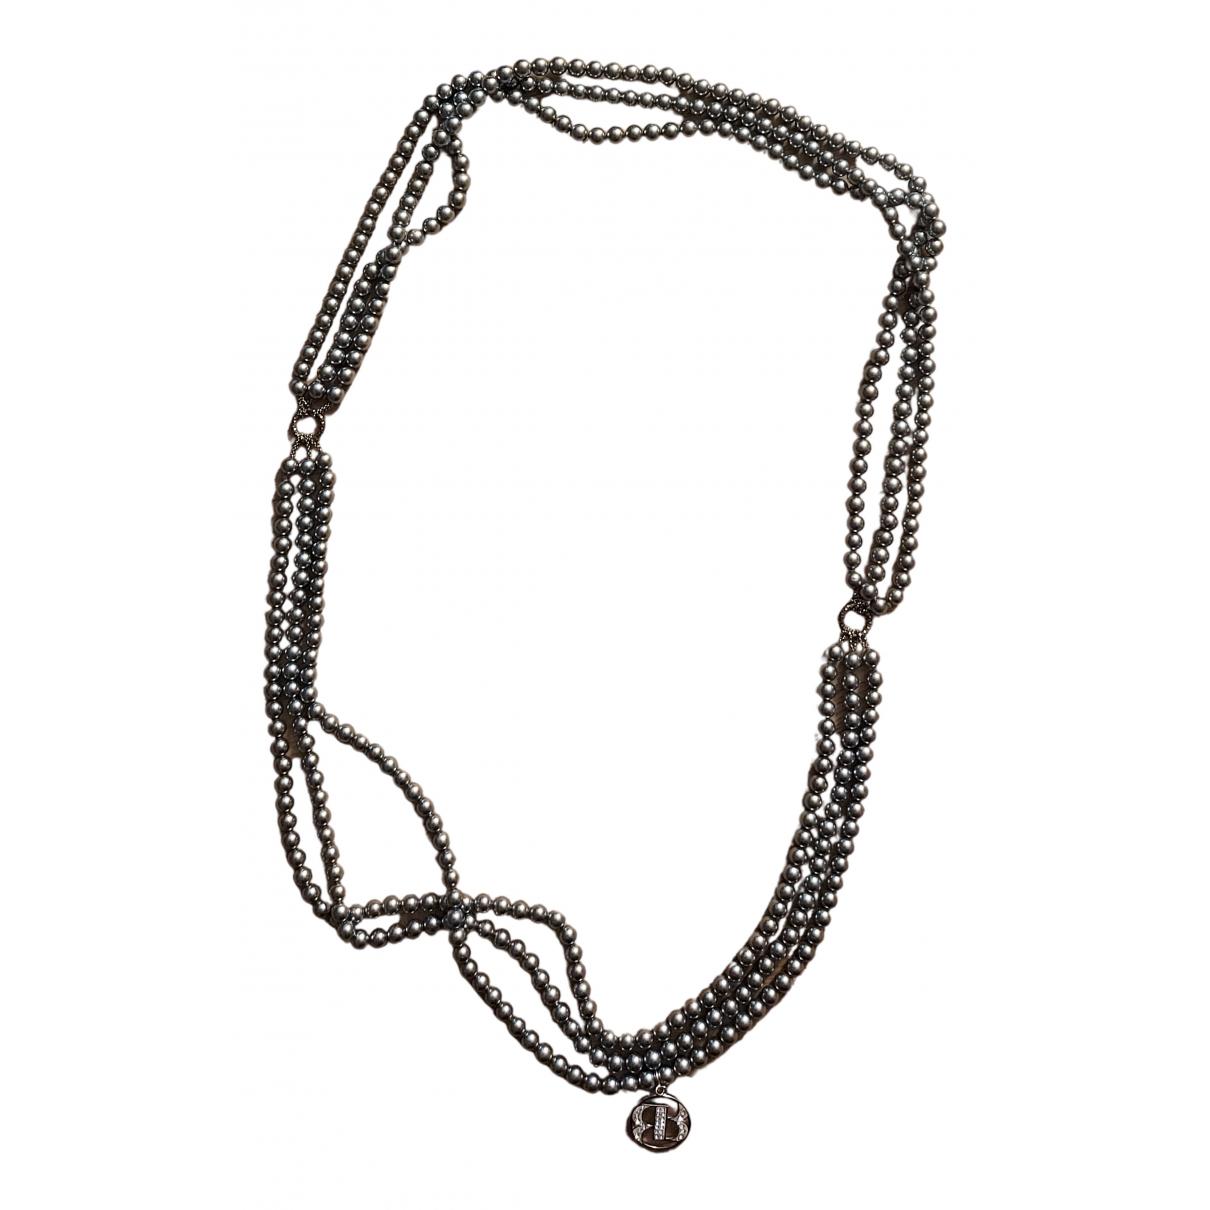 Officine Creative - Sautoir   pour femme en perles - argente